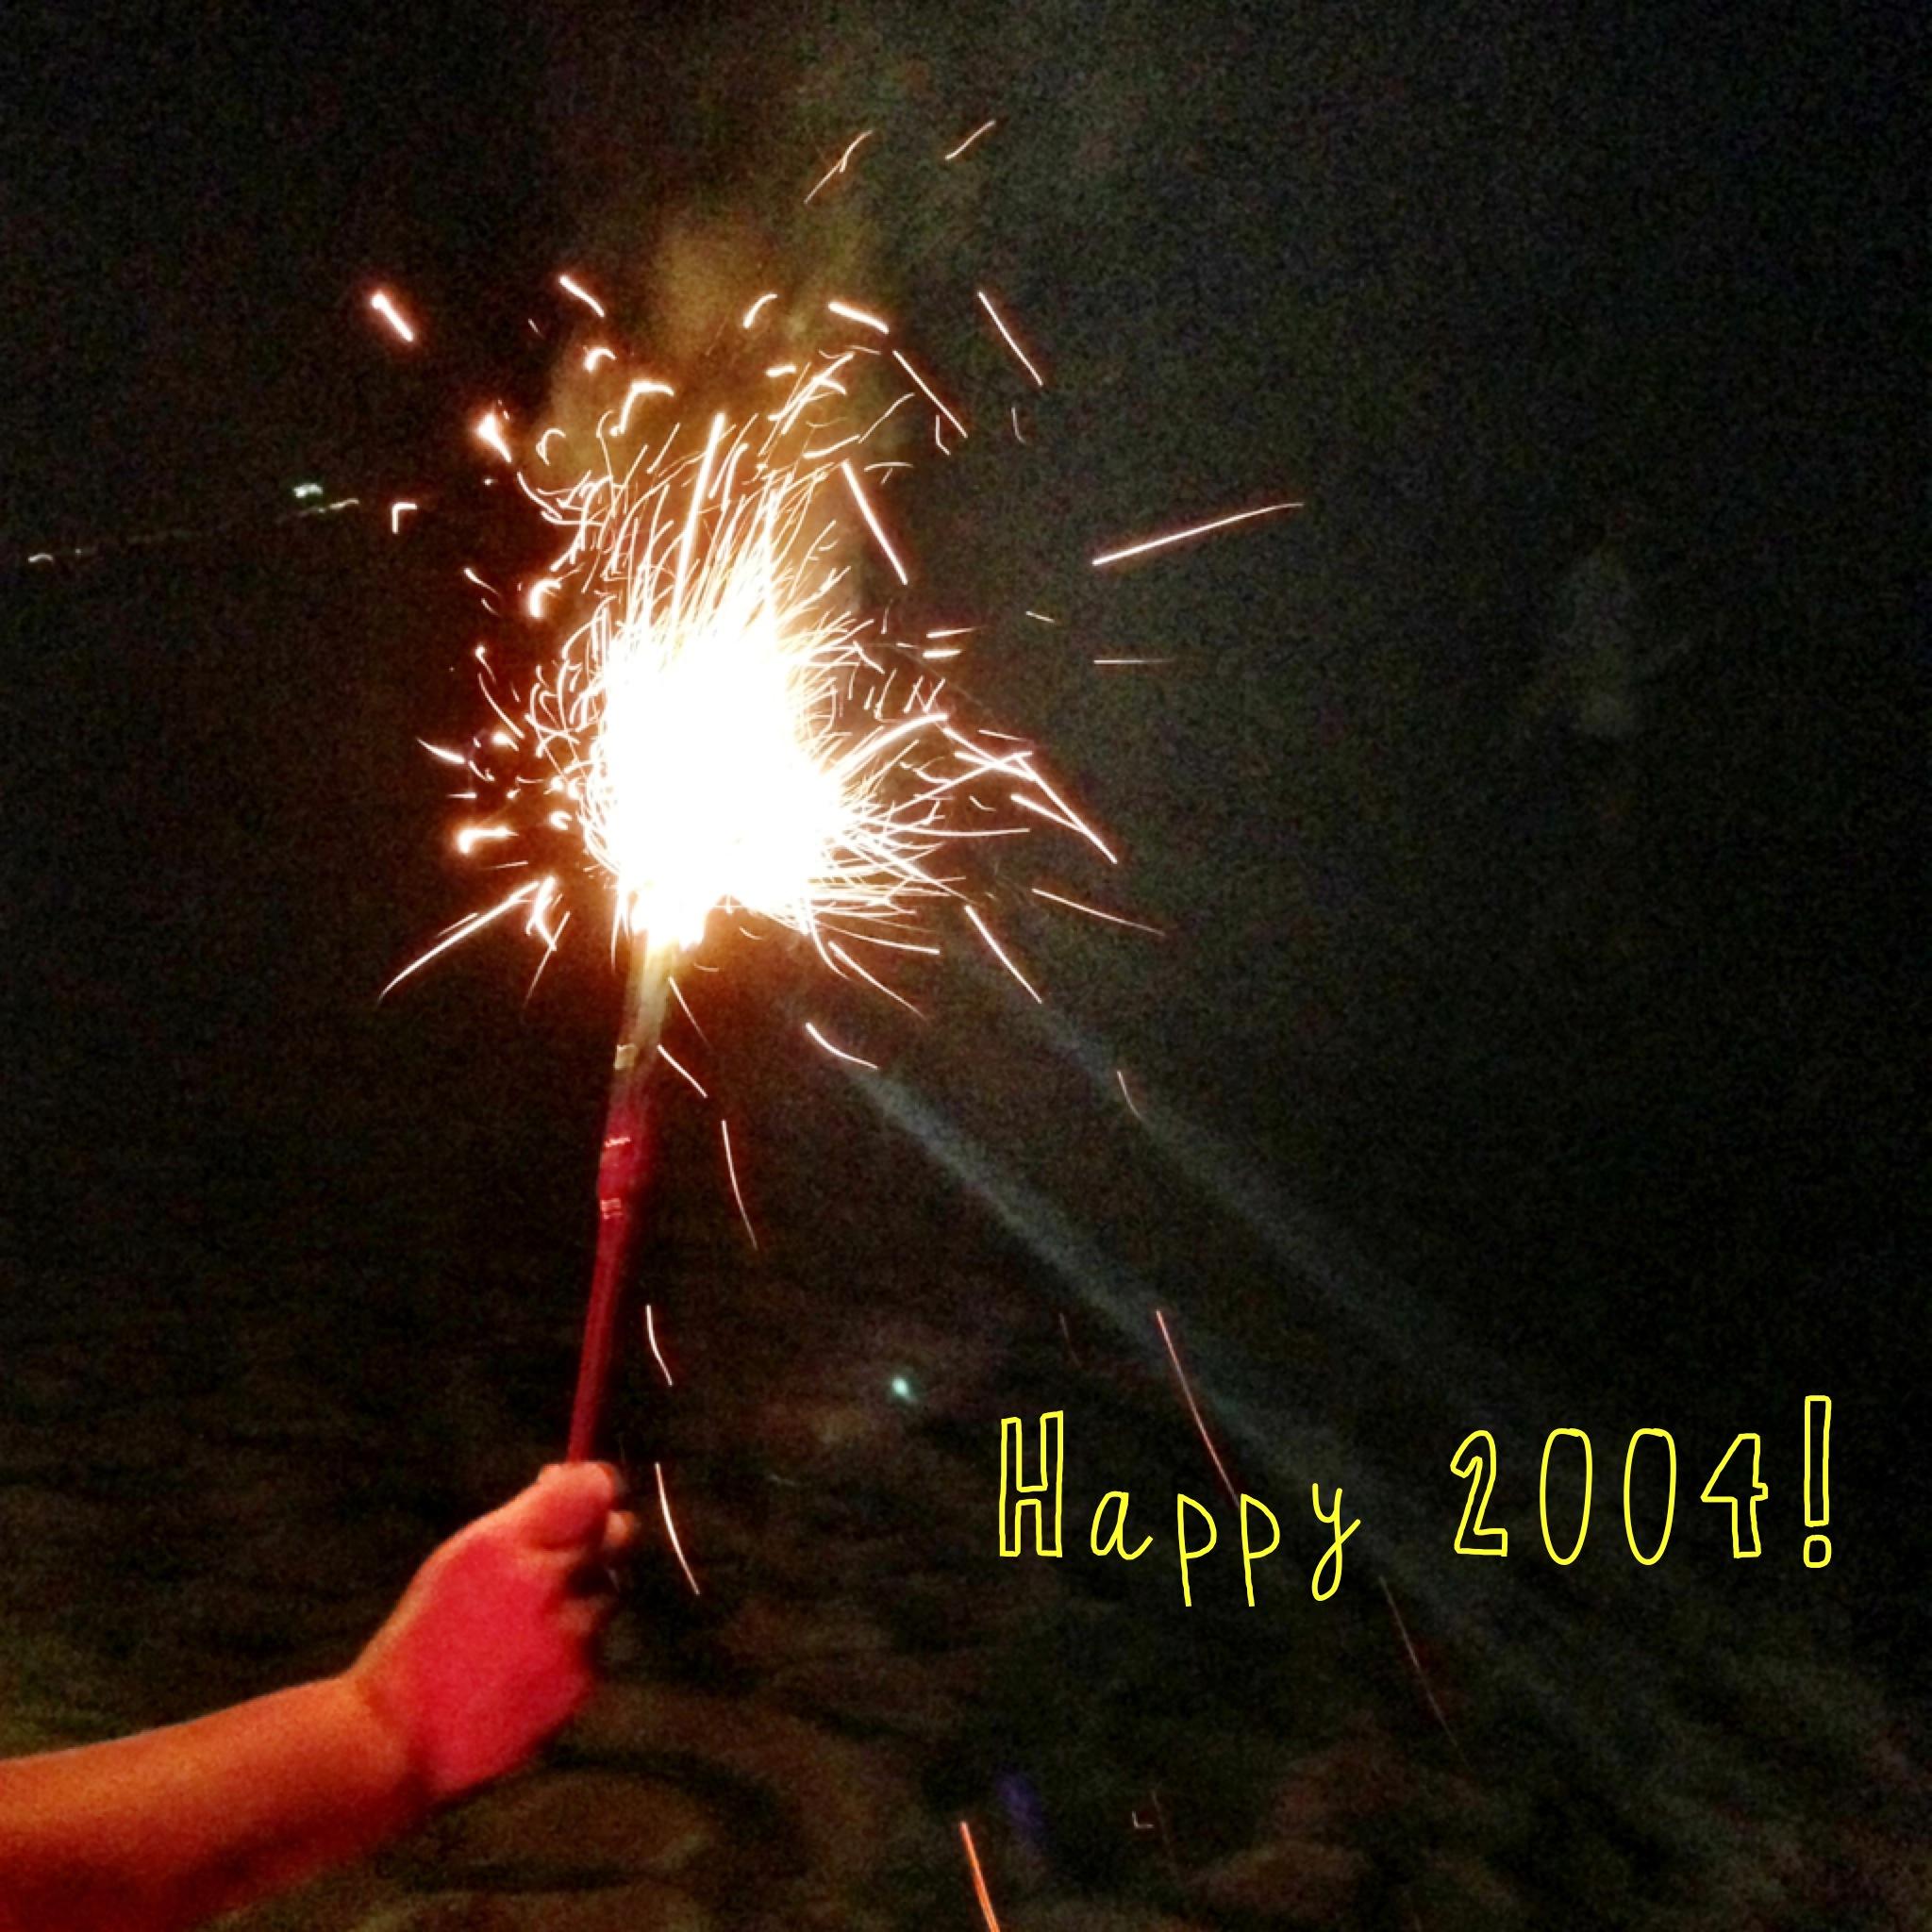 Happy 2004!